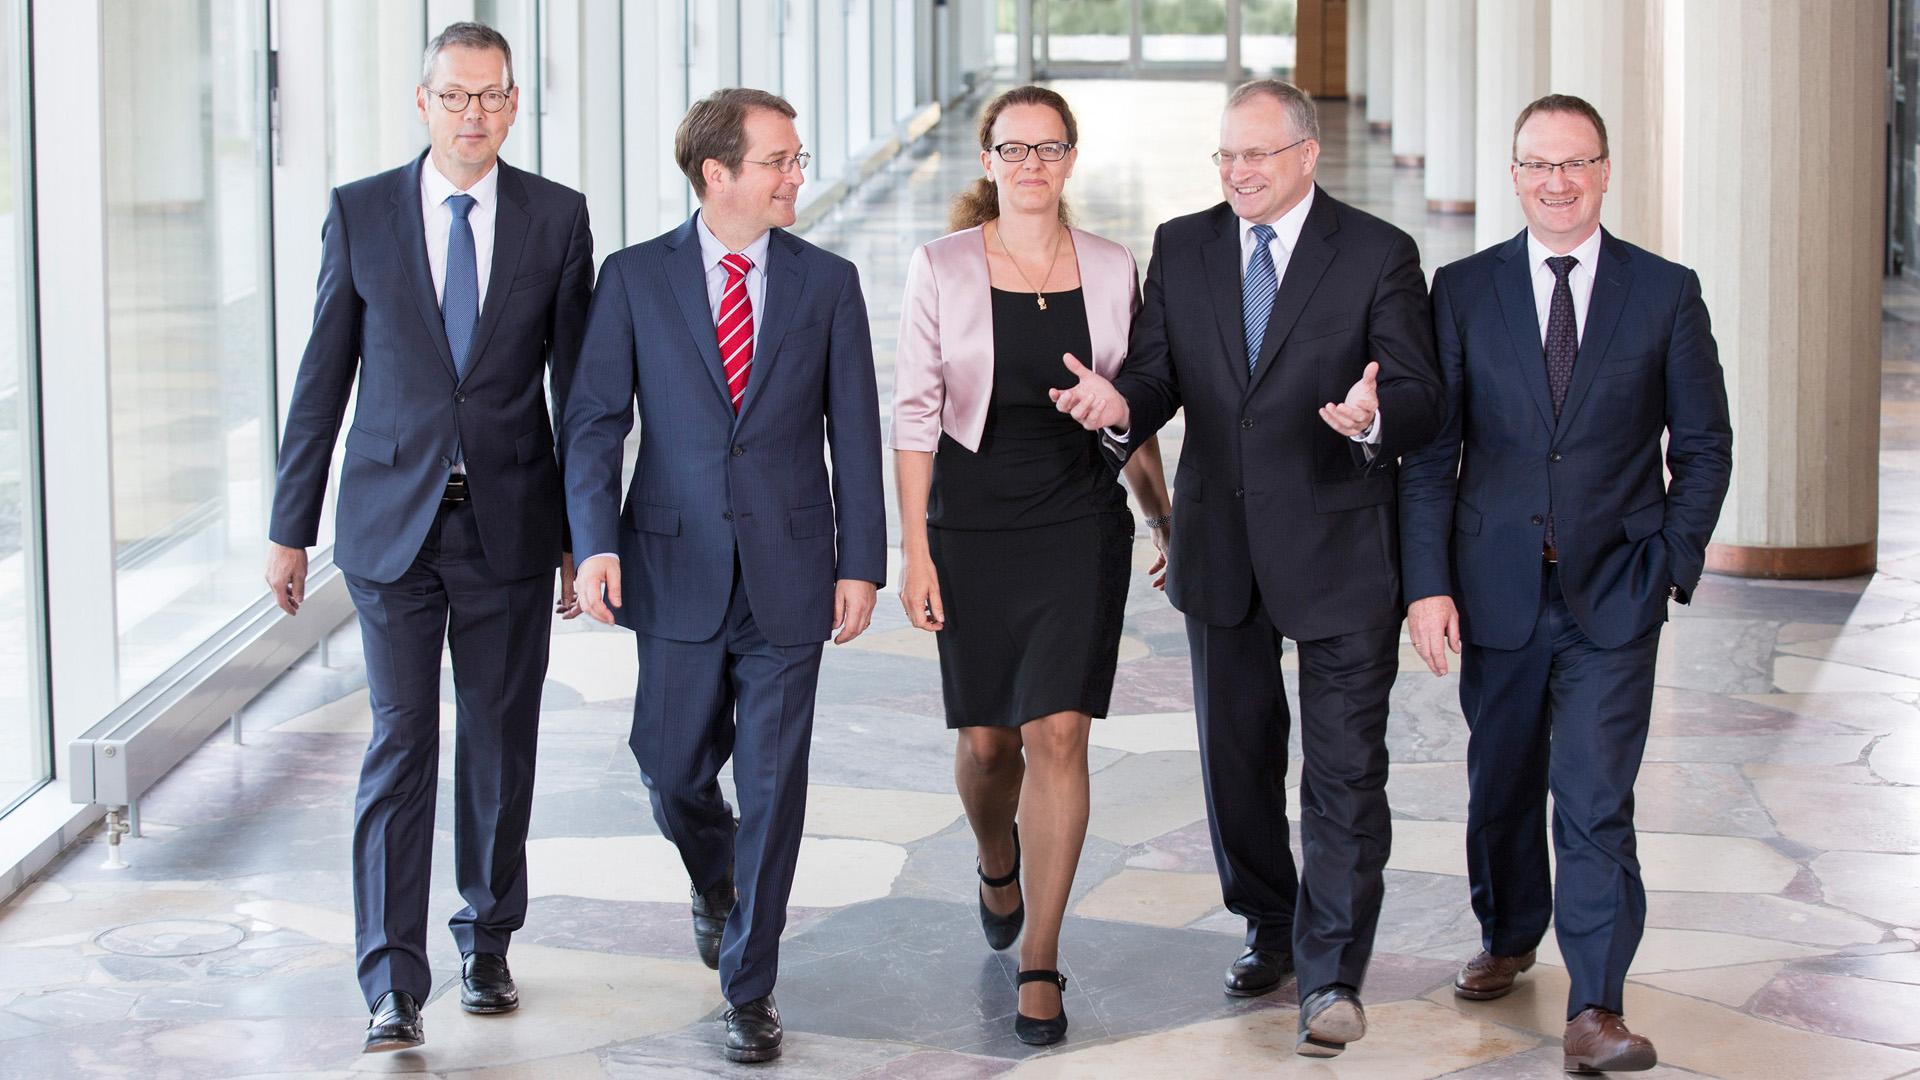 Vordenker 2018: Die Wirtschaftsweisen Peter Bofinger, Volker Wieland, Isabel Schnabel, Christoph M. Schmidt, Lars P. Feld (v.l.)